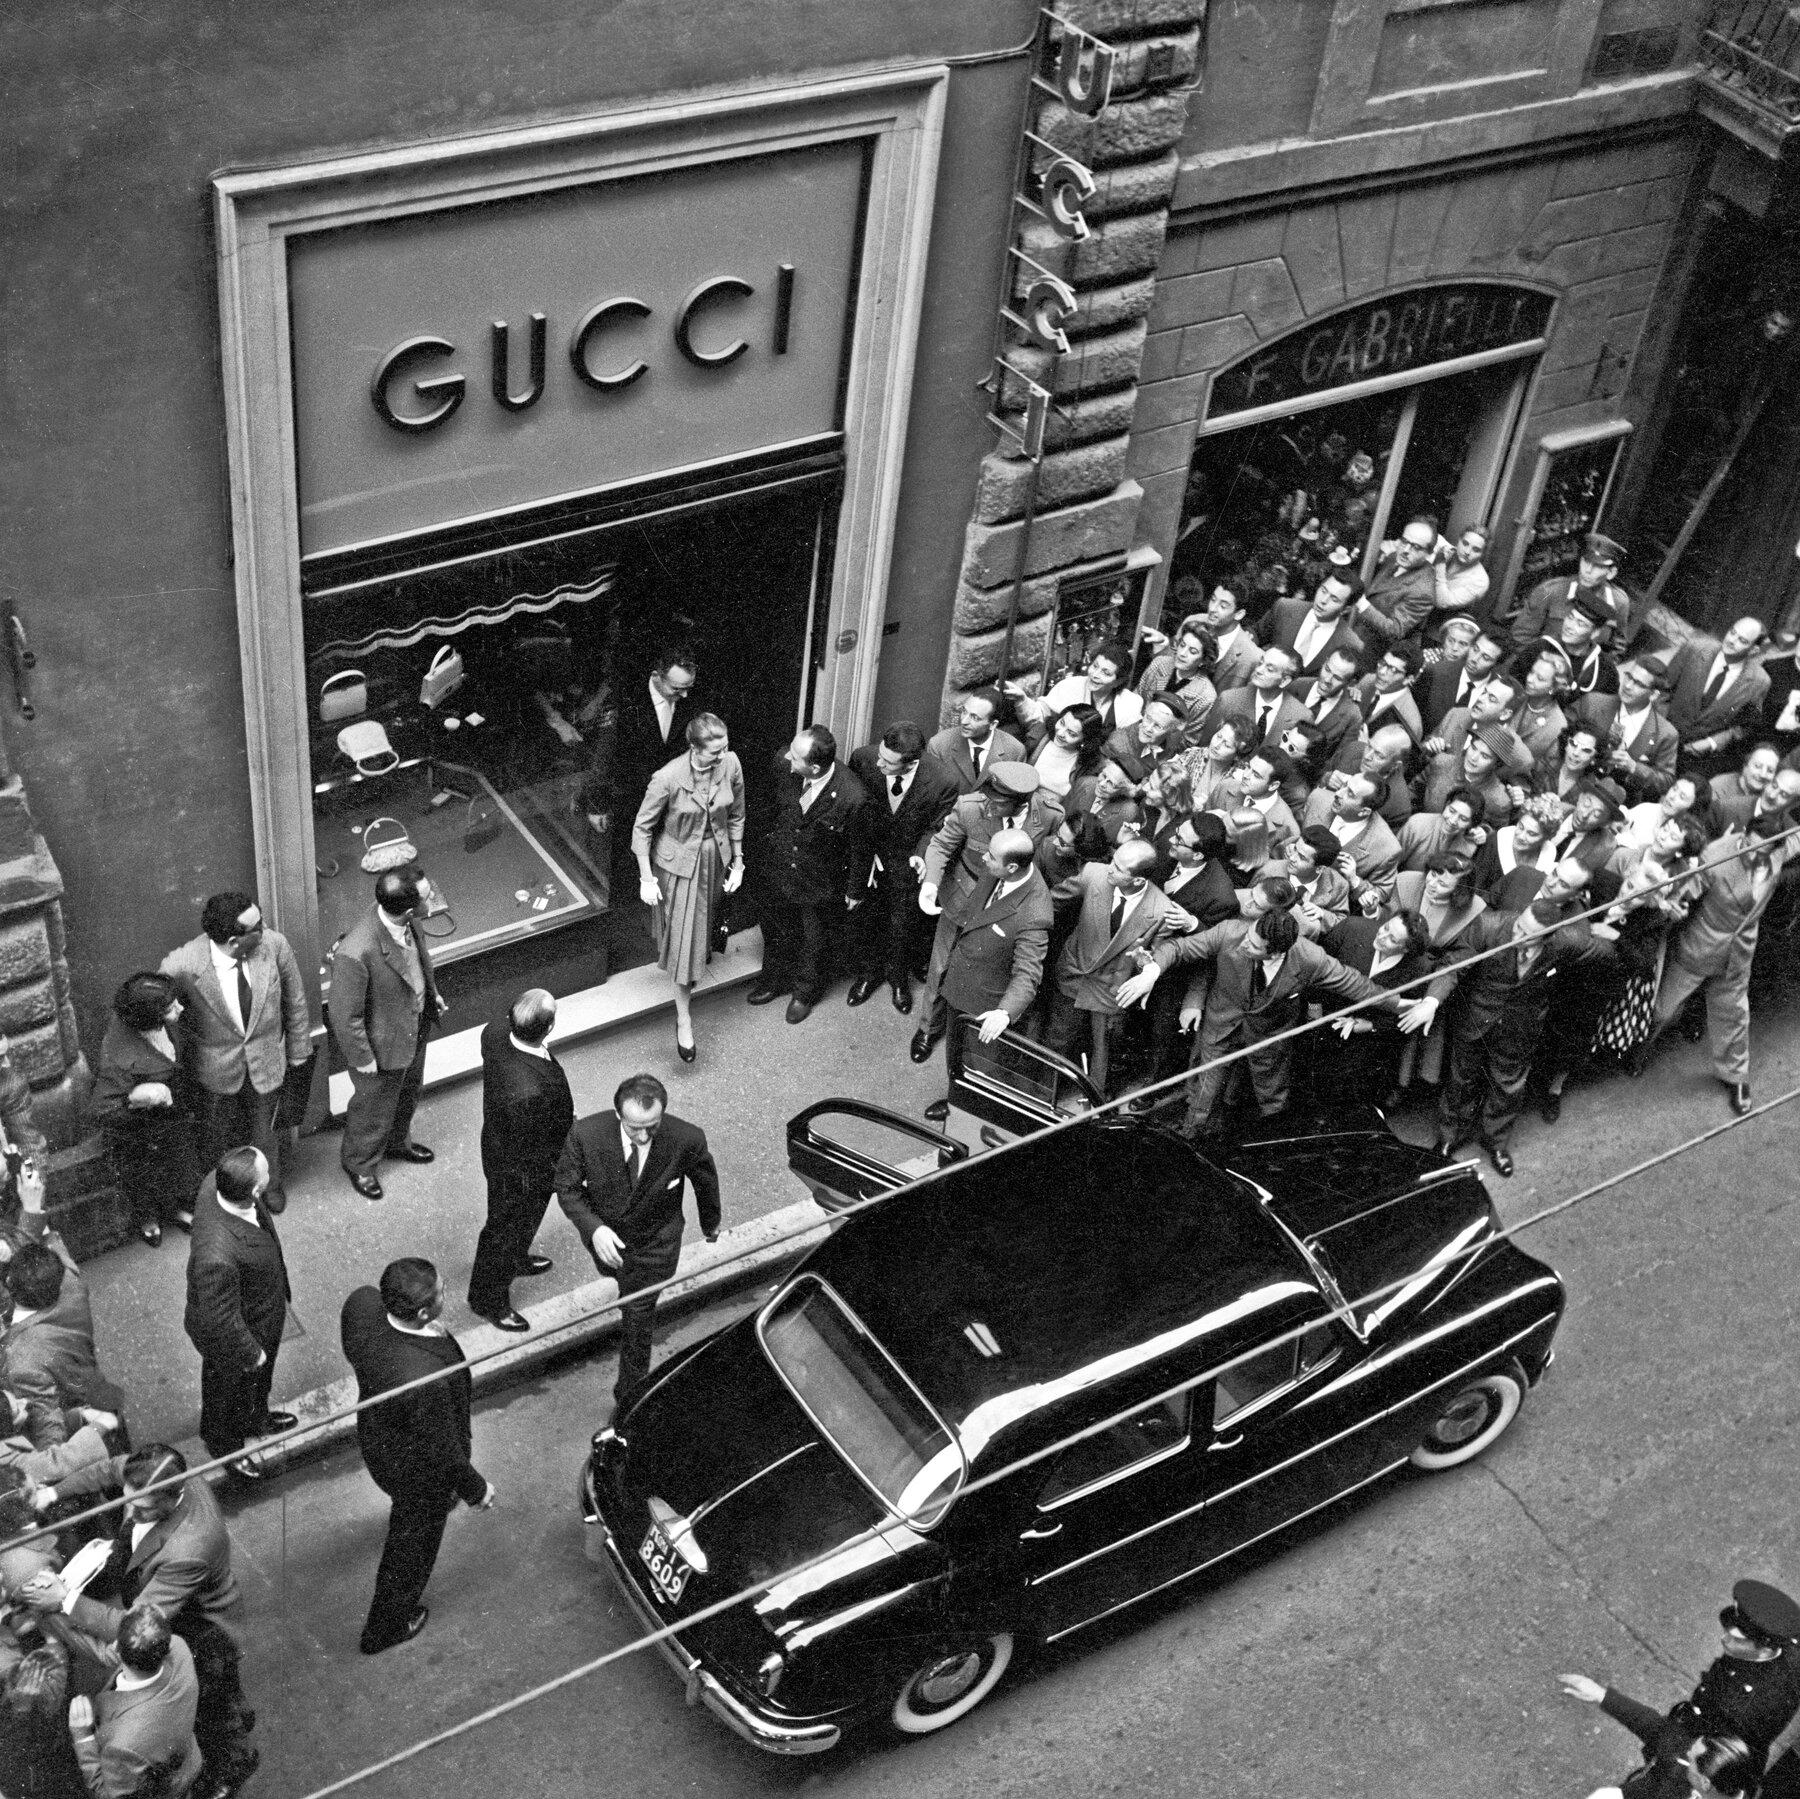 Delitto Gucci, un film di Ridley Scott con Lady Gaga